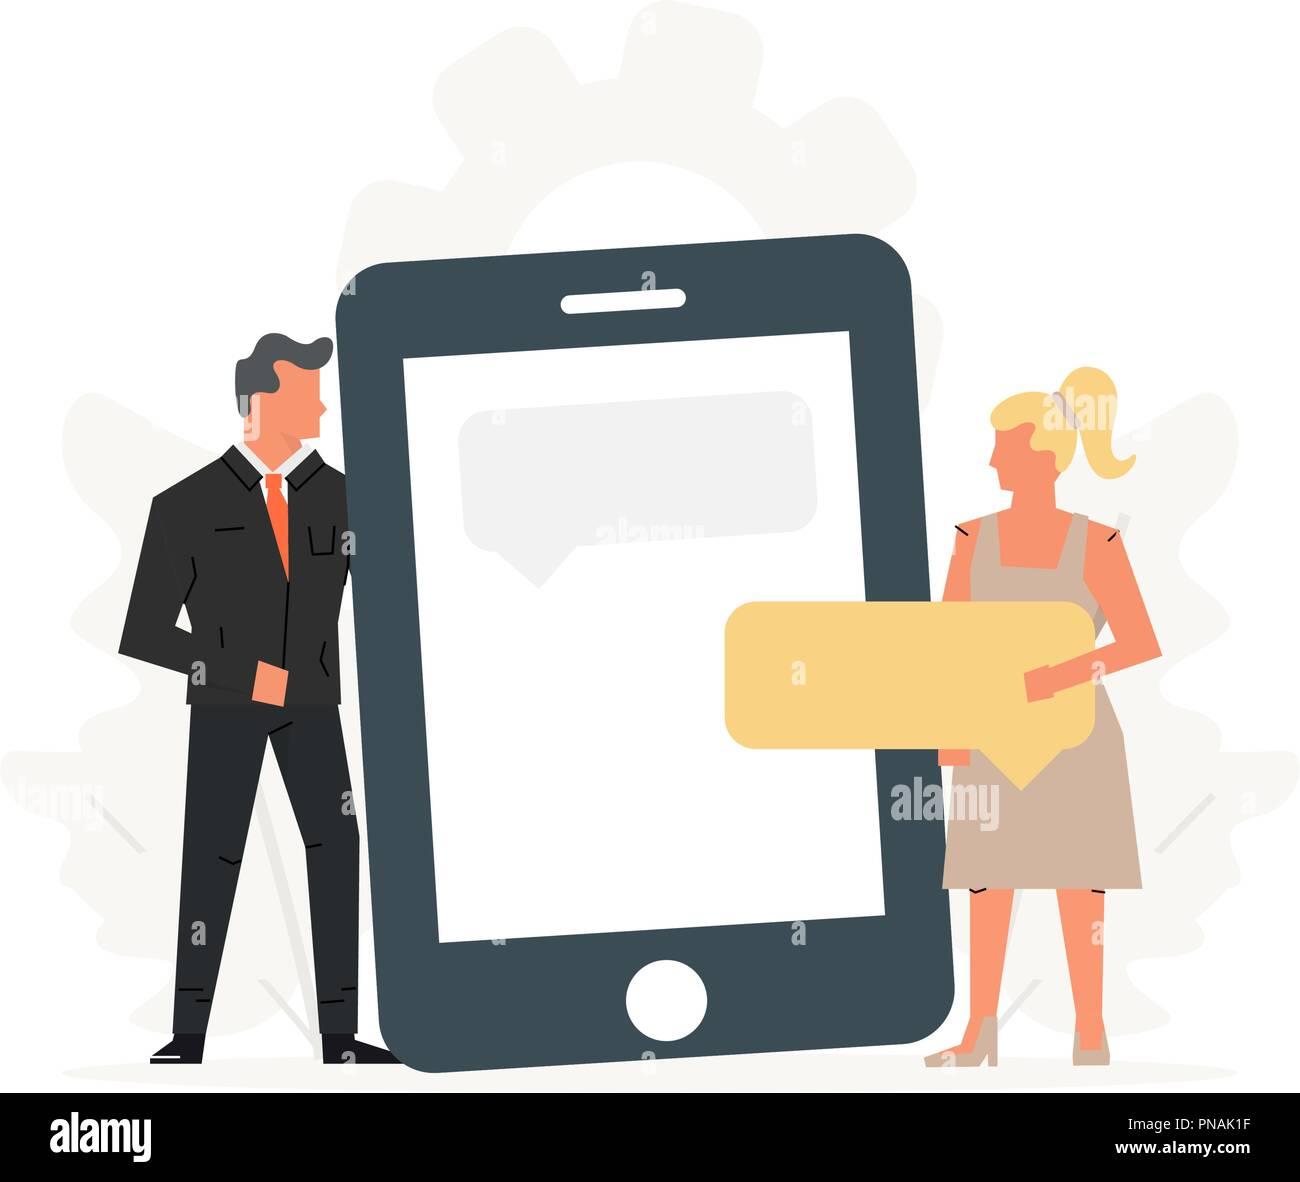 Las personas tienen un gran teléfono. Concepto de reunión de negocios, las relaciones virtuales, la datación en línea, redes sociales y chat móvil. Ilustración del Vector